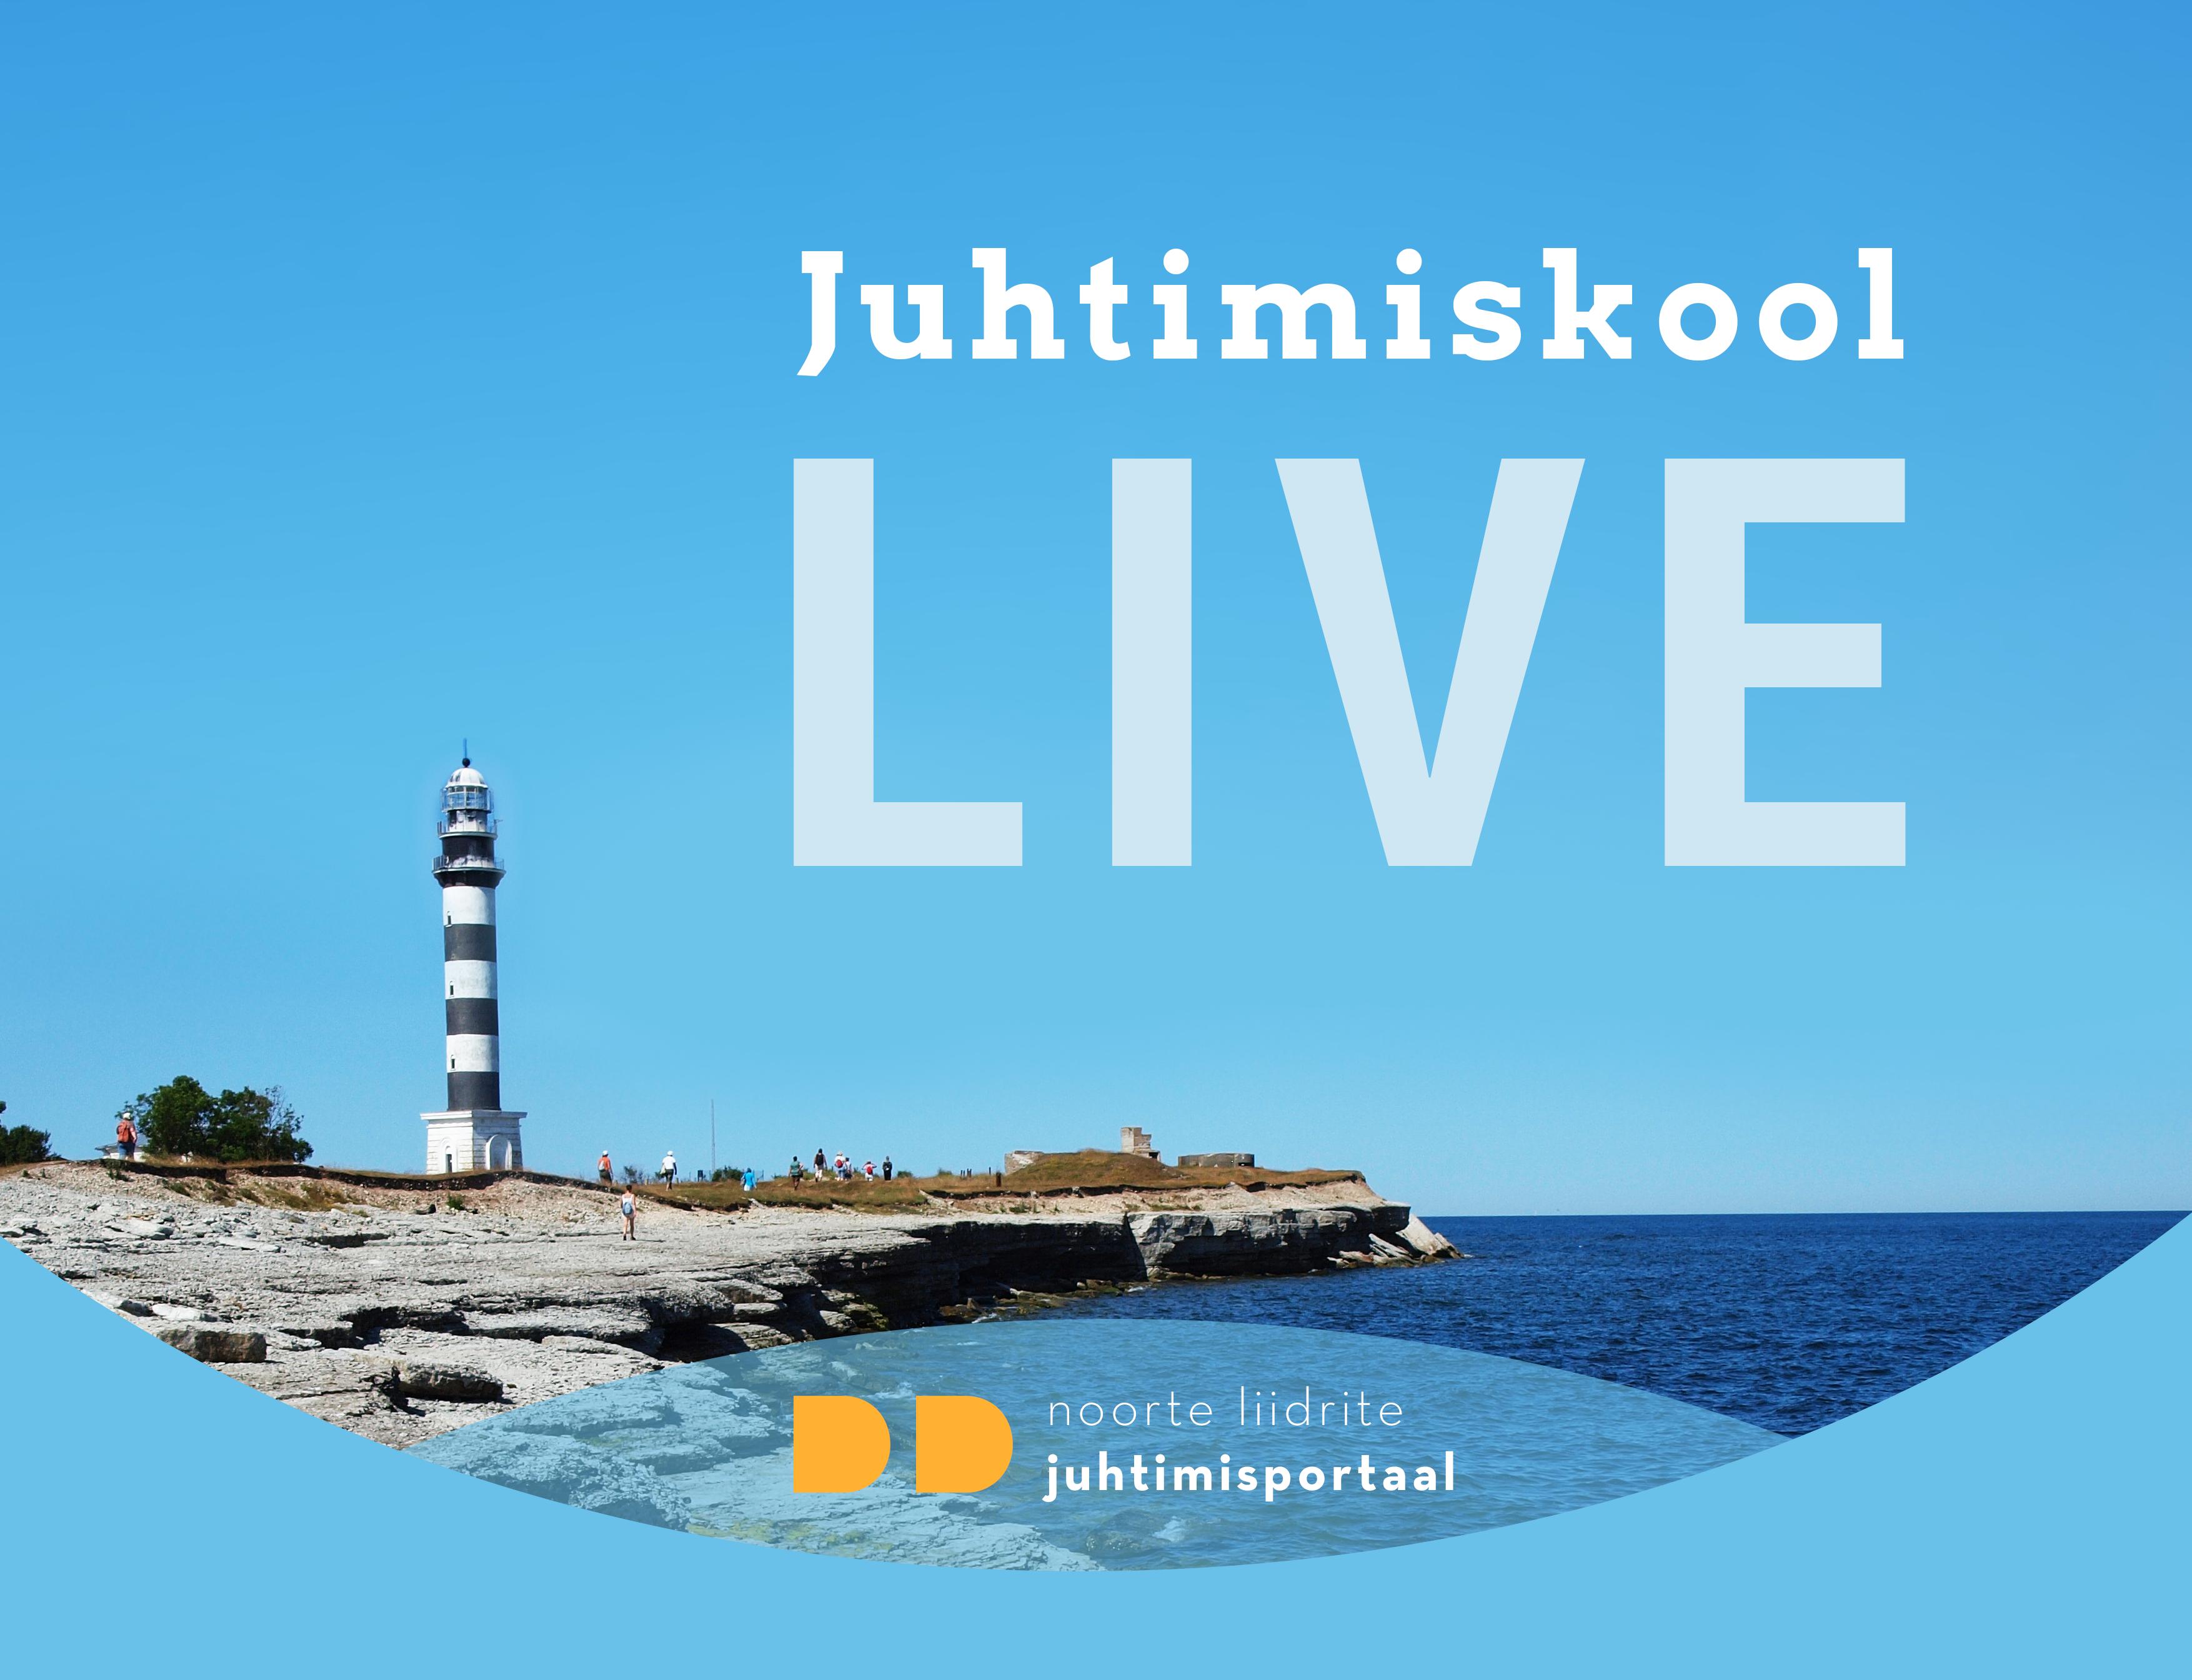 jk_live